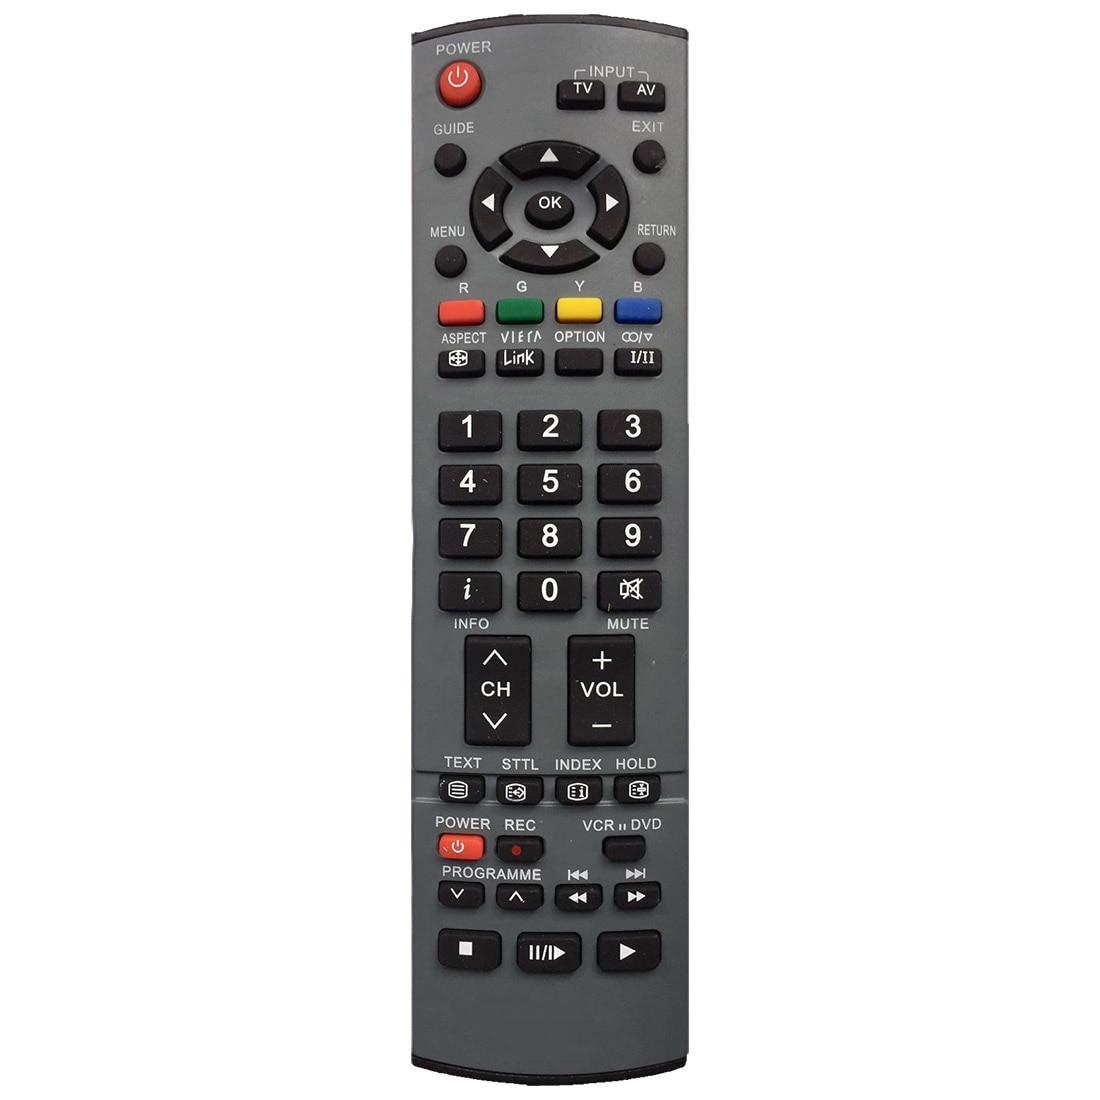 NEW TV Remote PAN-821 For Panasonic N2QAYB000485 N2QAYB000321 N2QAYB000926